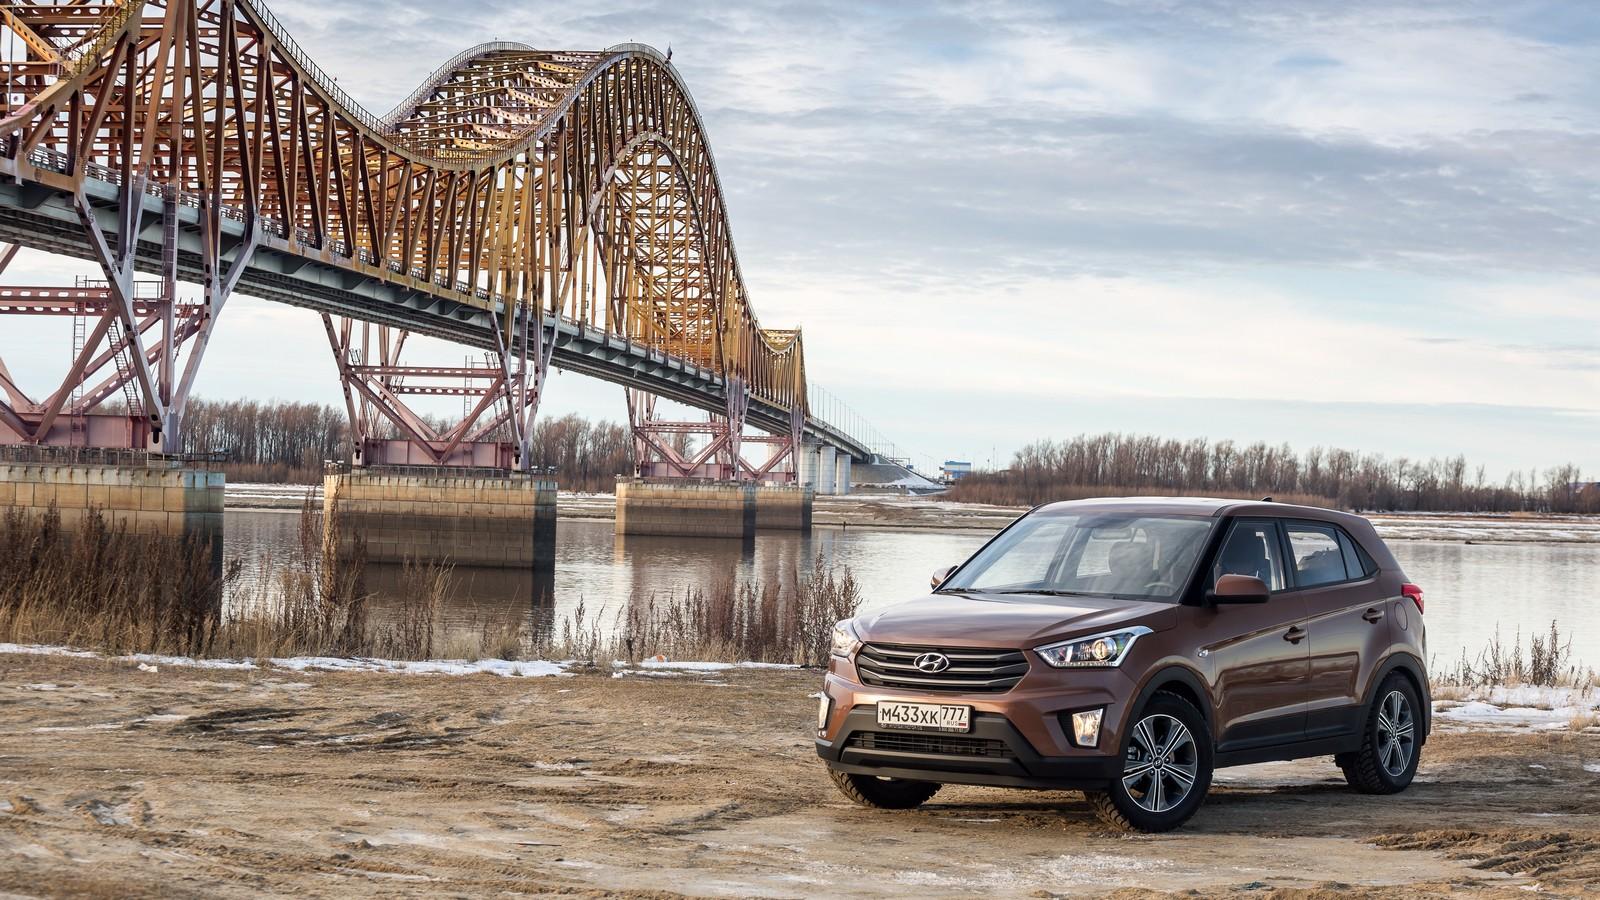 18 компаний изменили цены наавтомобили в РФ